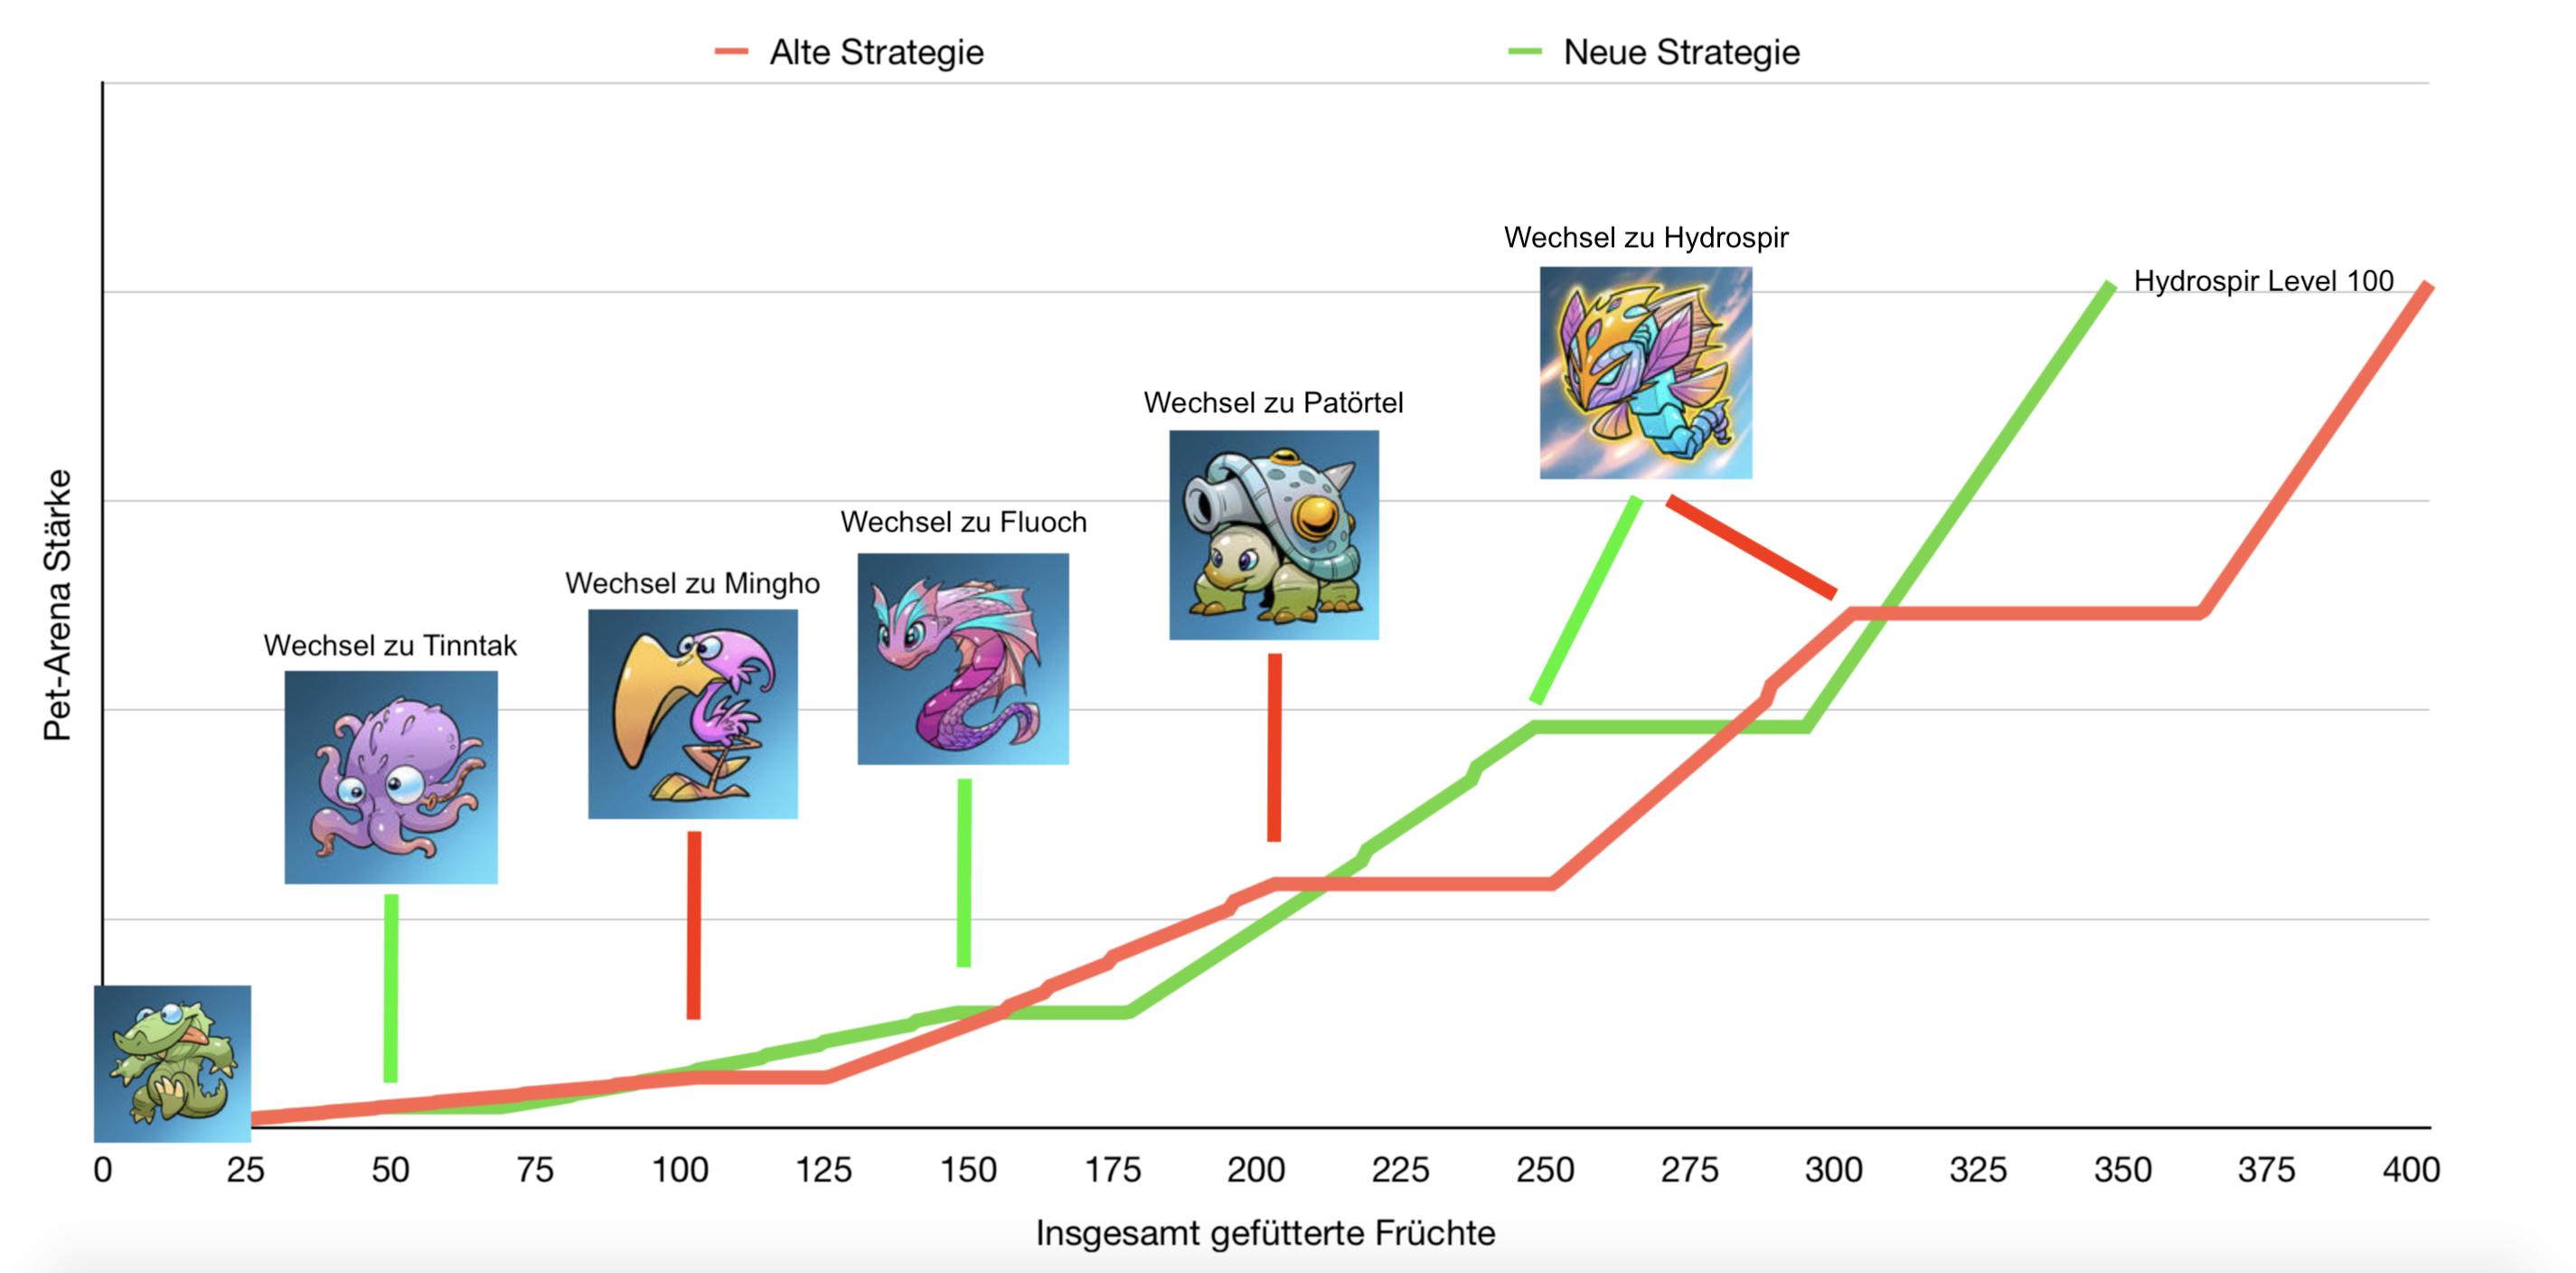 Diagramm: Pet Strategien im Vergleich